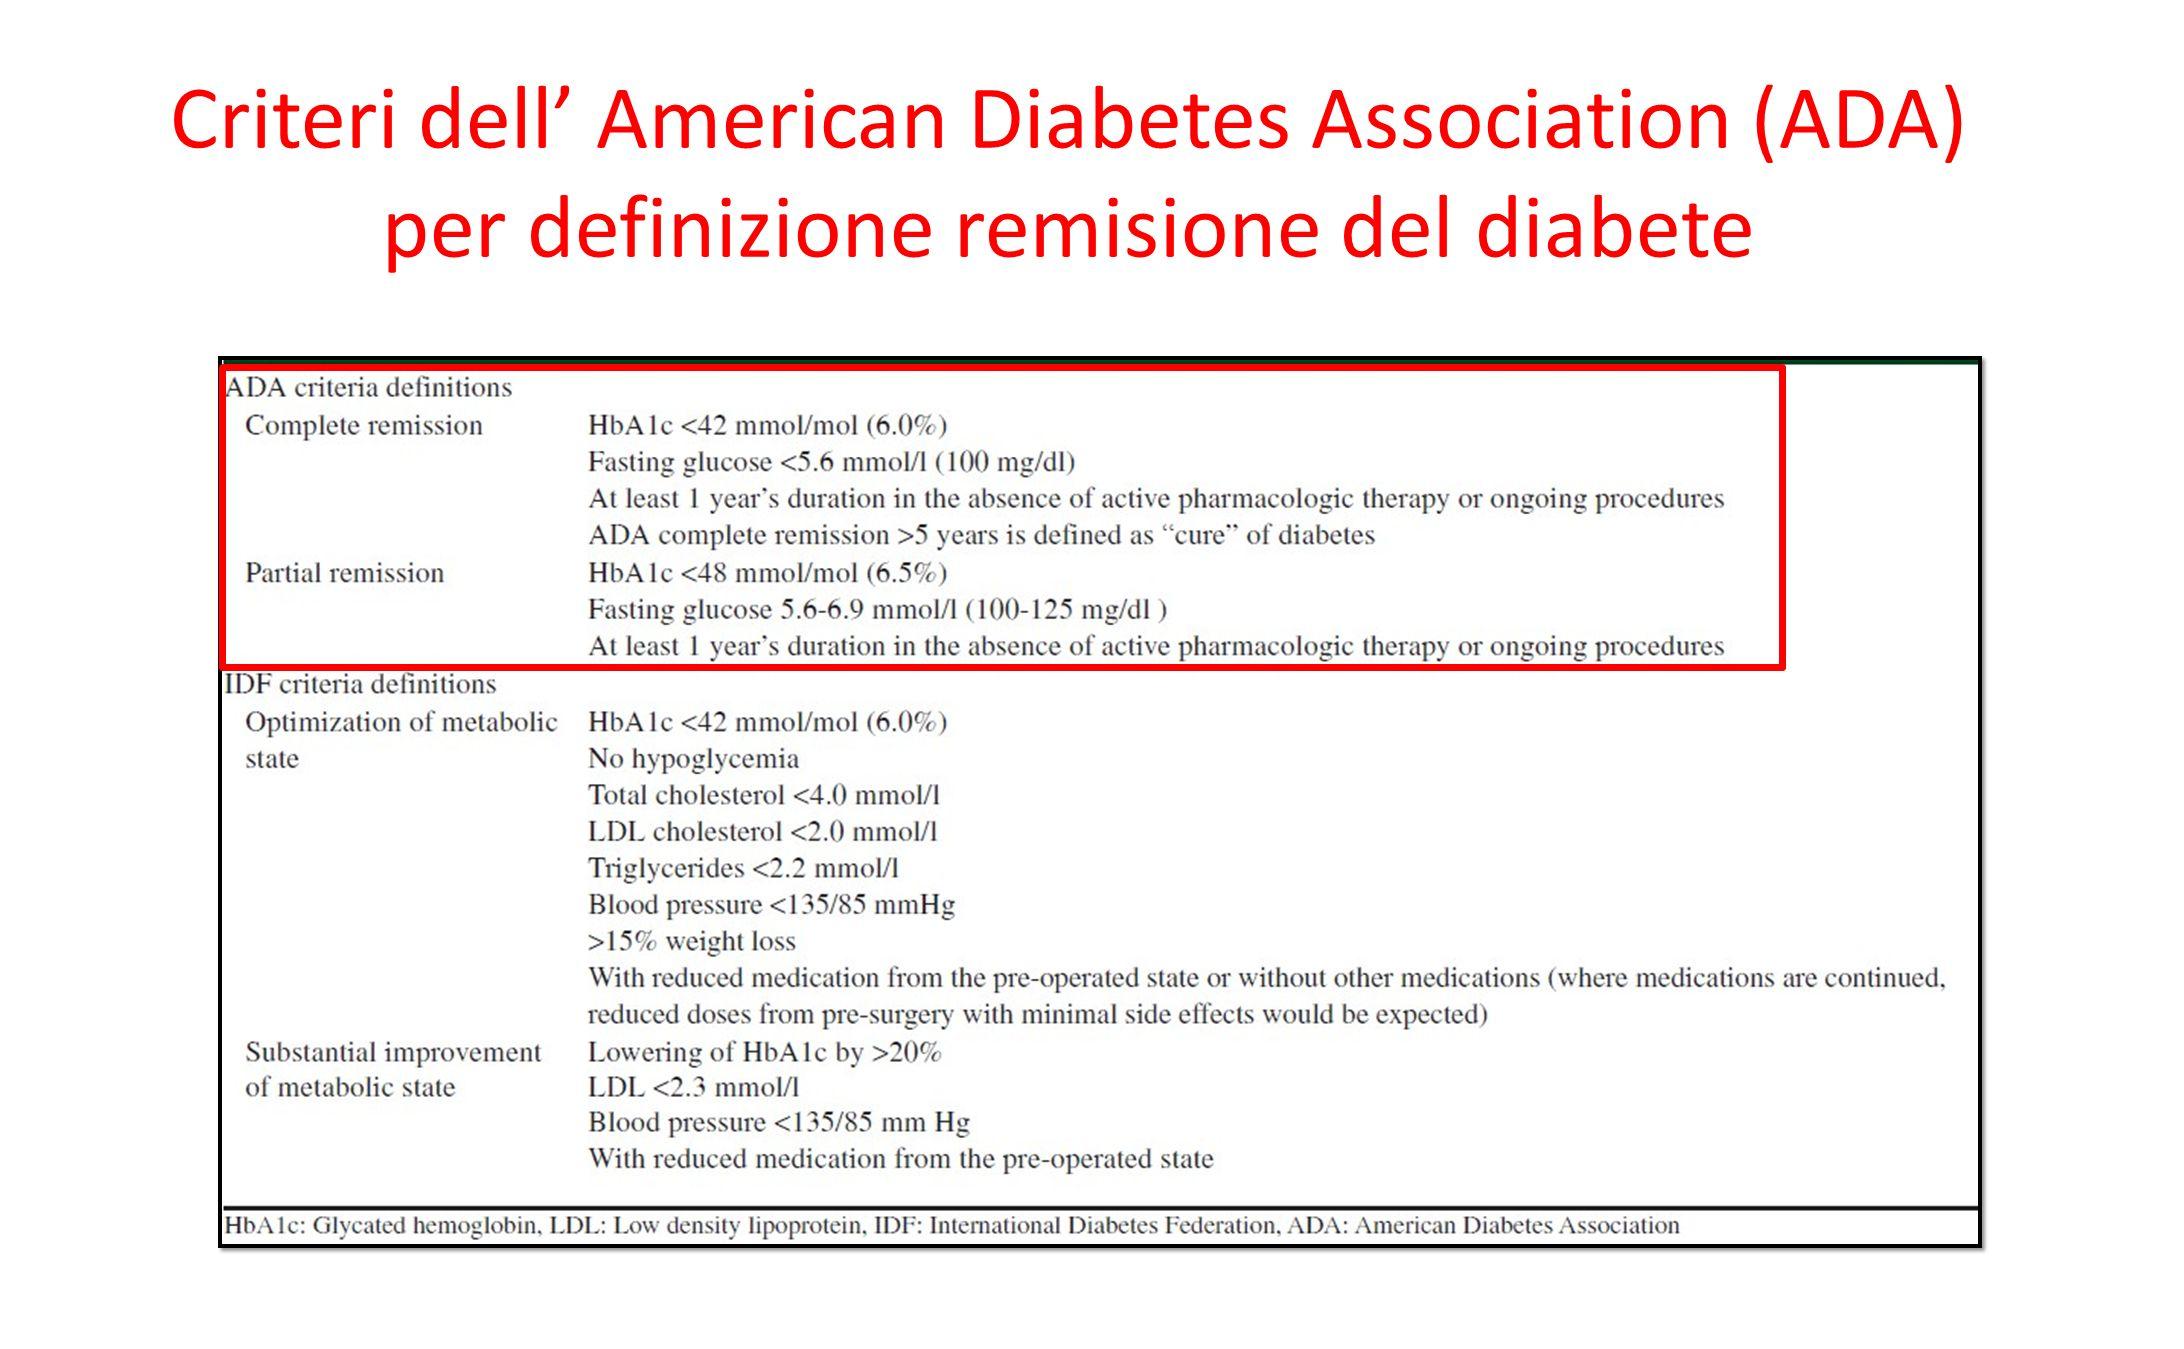 Criteri dell' American Diabetes Association (ADA) per definizione remisione del diabete